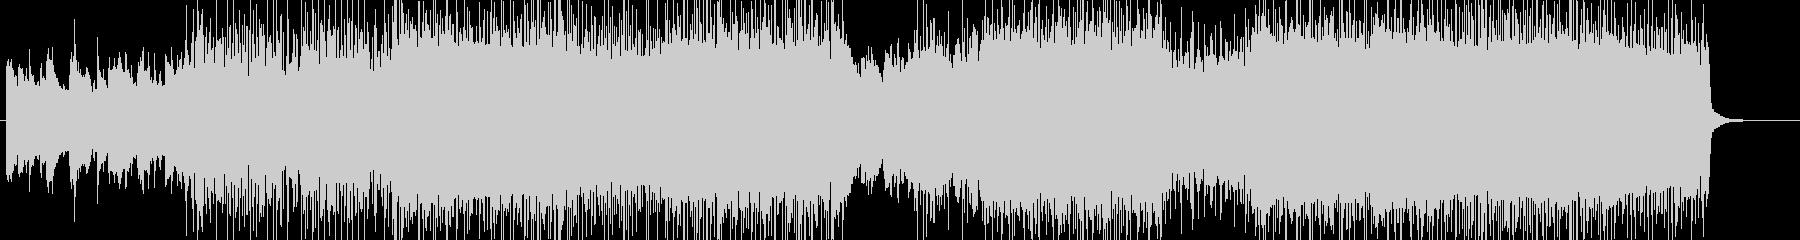 「ハード/ヘヴィ/ロック/」BGM67の未再生の波形